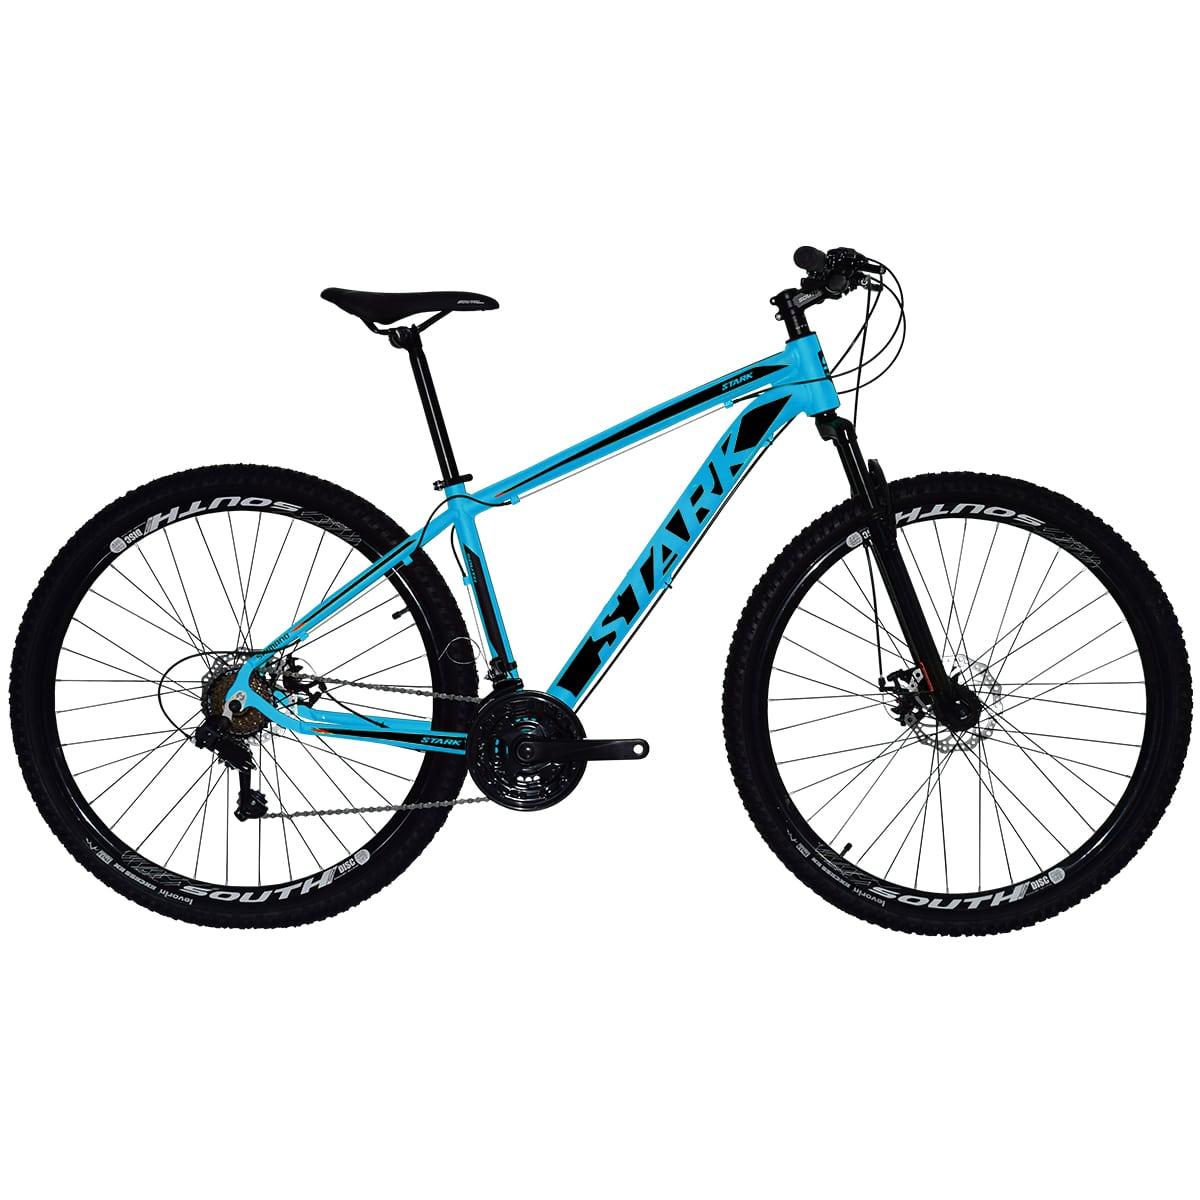 Bicicleta South Stark 2021 - Aro 29 - 21 Marchas - Freios a Disco - Suspensão Dianteira